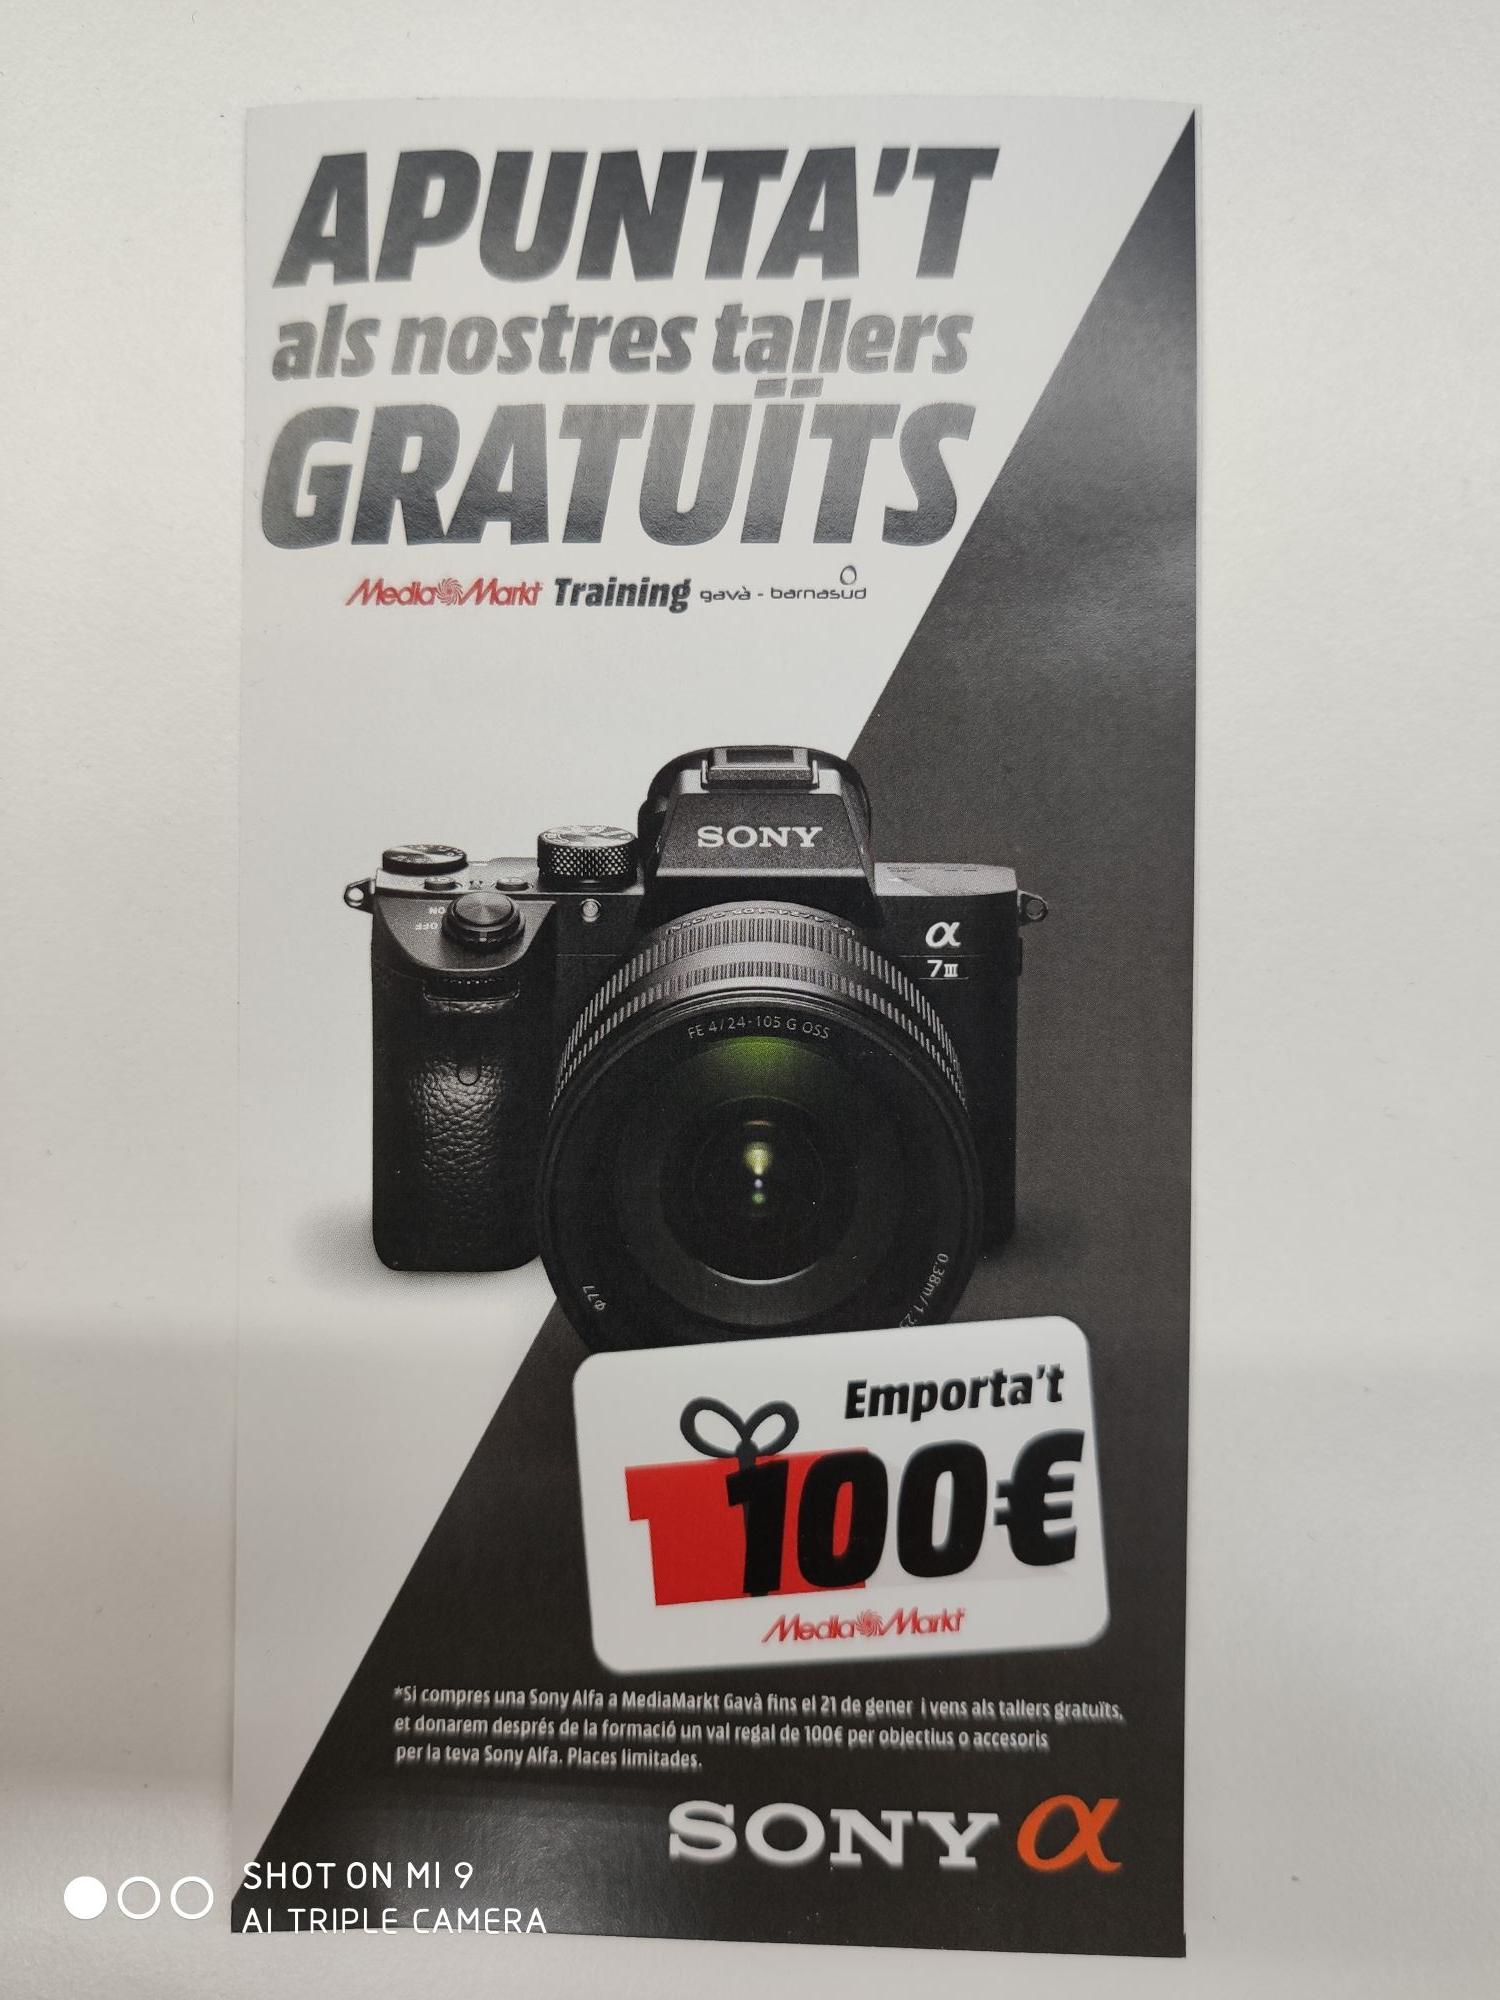 Curso presencial gratis de Fotografia + 100€ para accesorios (Media Markt Gava) Si compras Sony de la gama Alpha